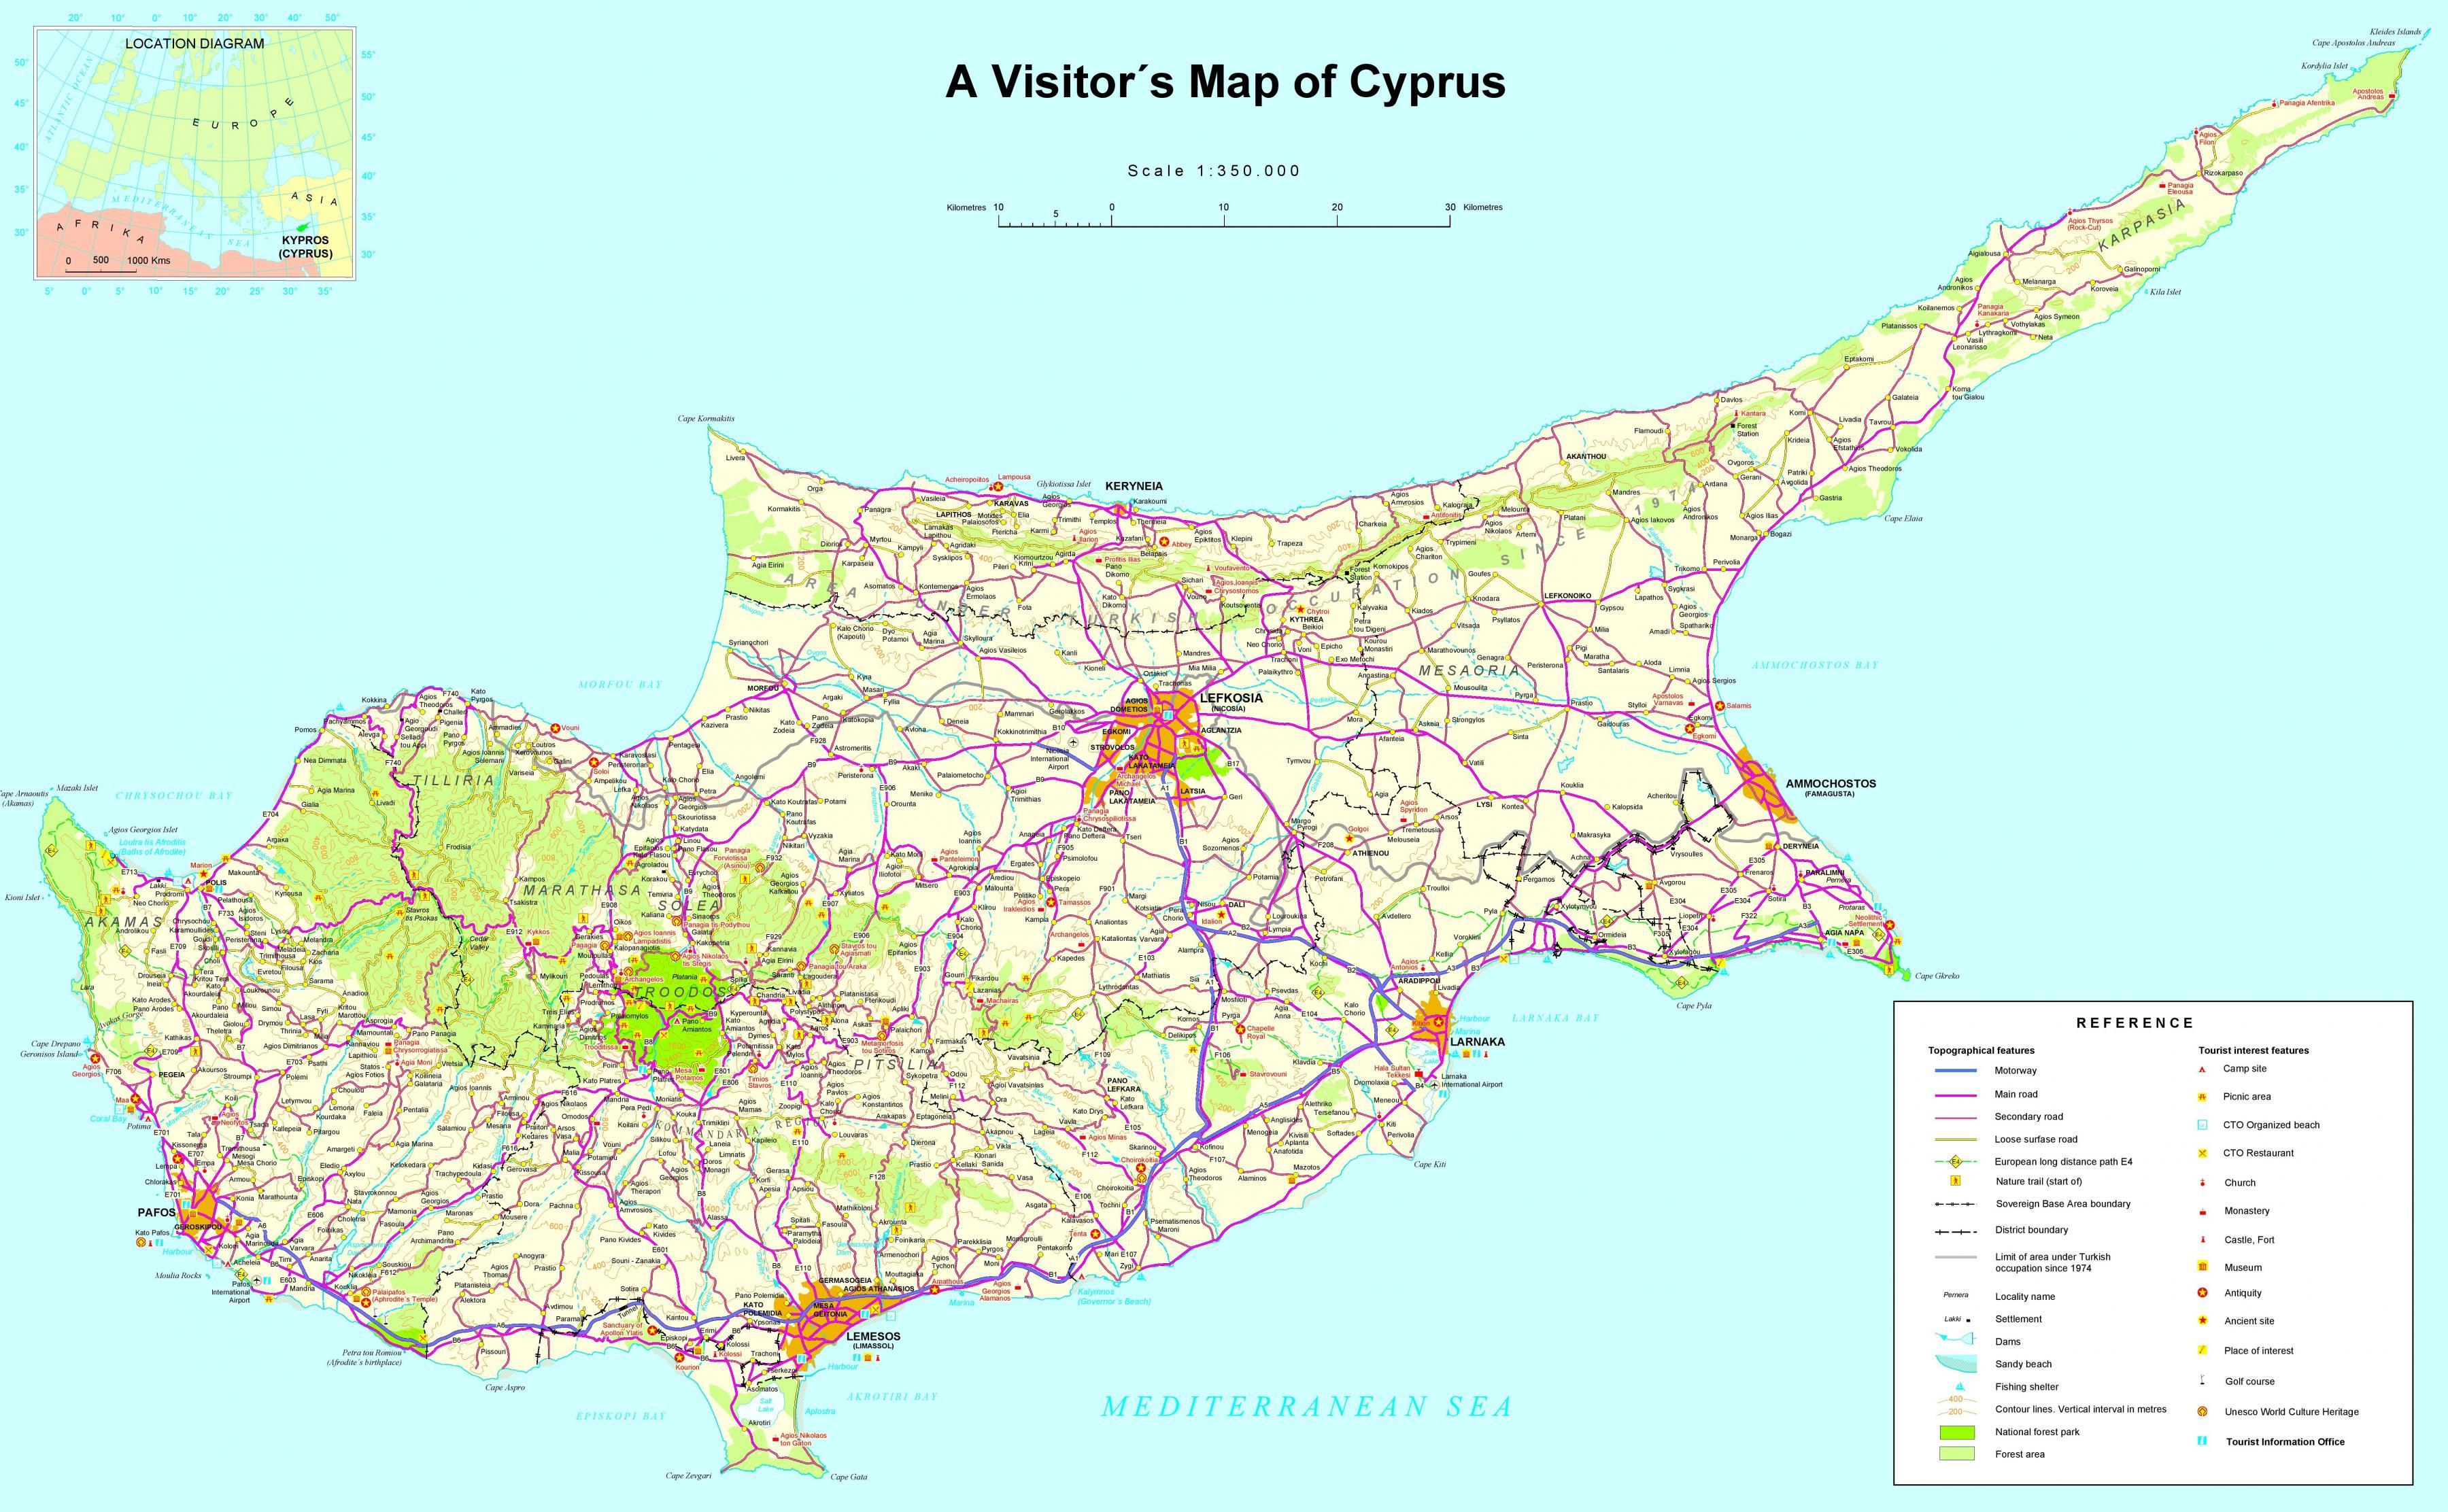 Kypros Turistattraksjonene Kart Kart Over Kypros